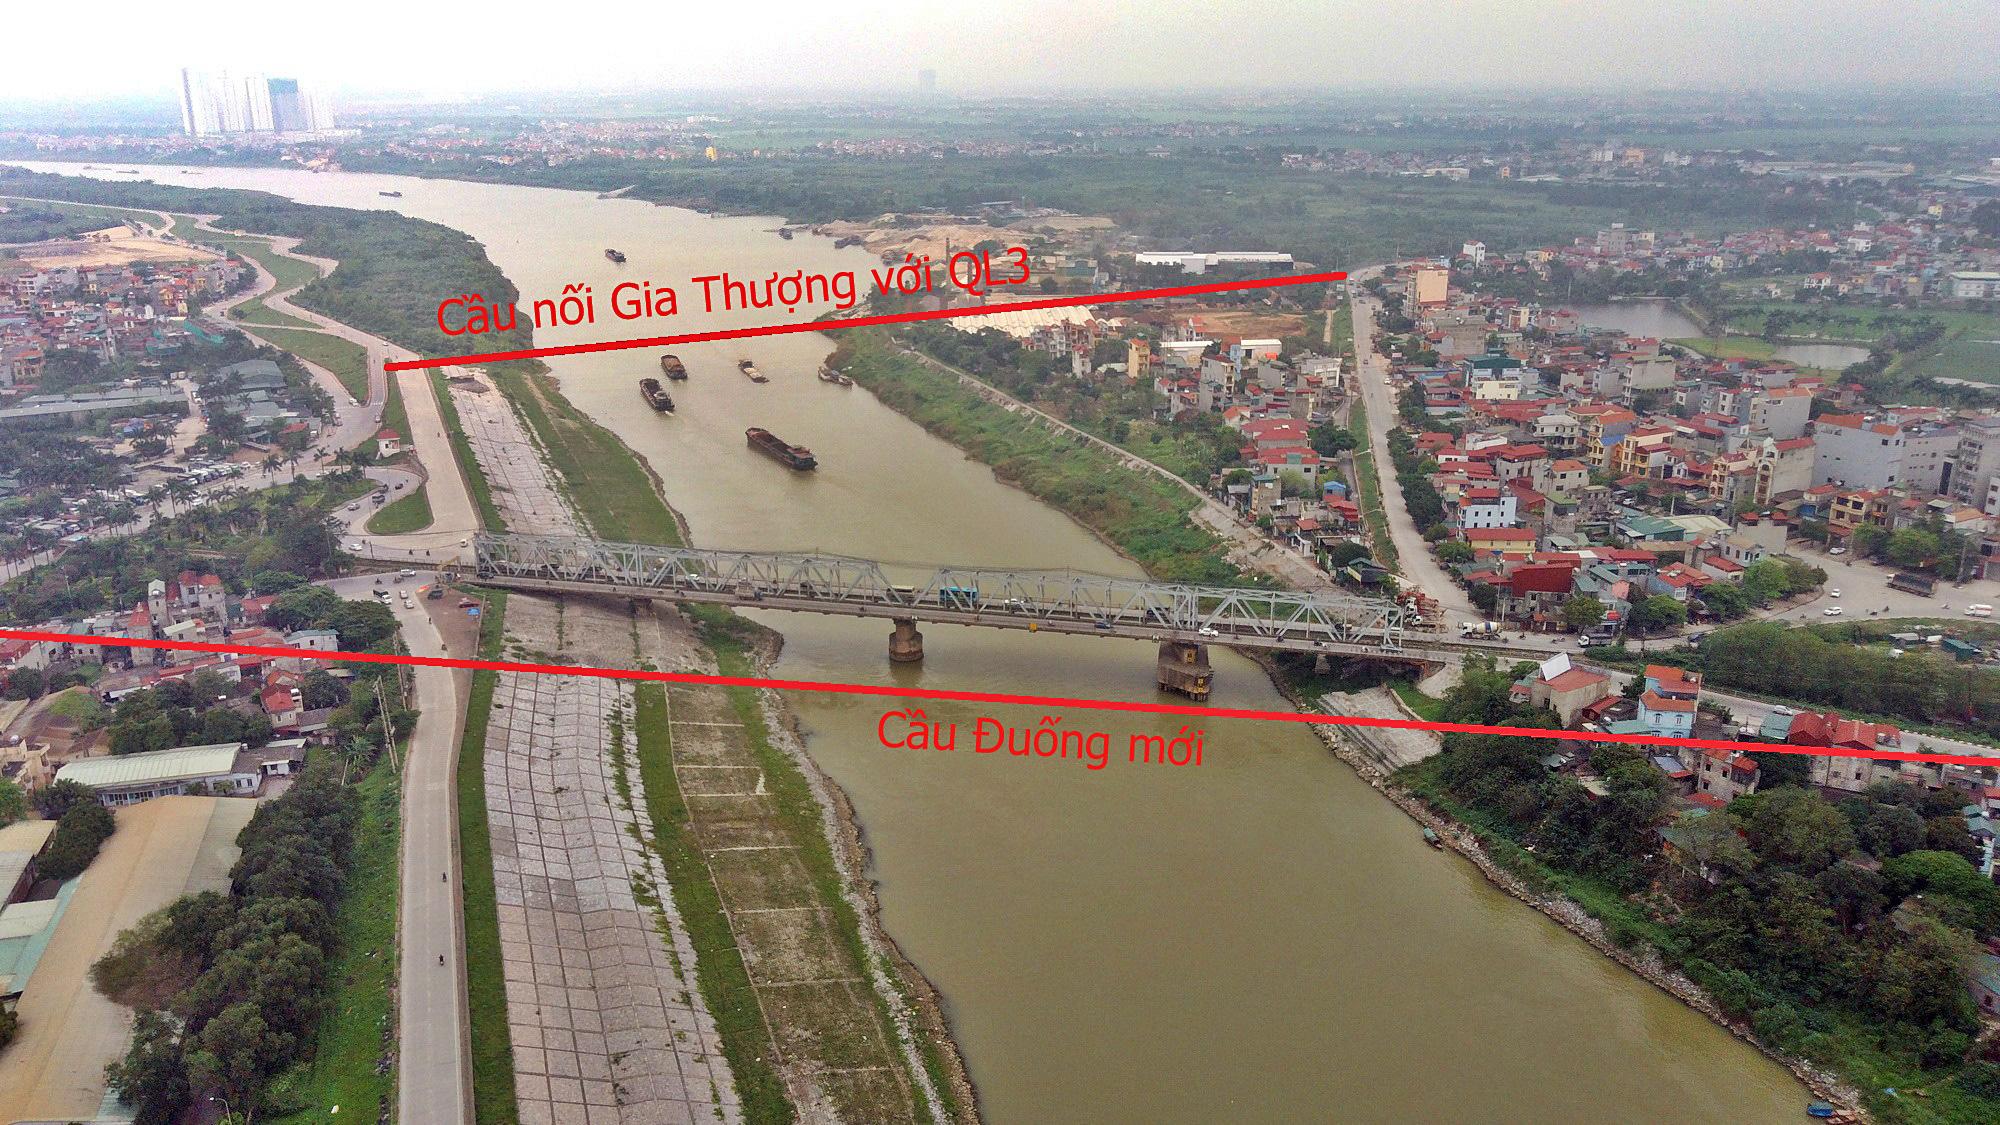 Những dự án sẽ hưởng lợi từ qui hoạch cầu Đuống mới - Ảnh 2.